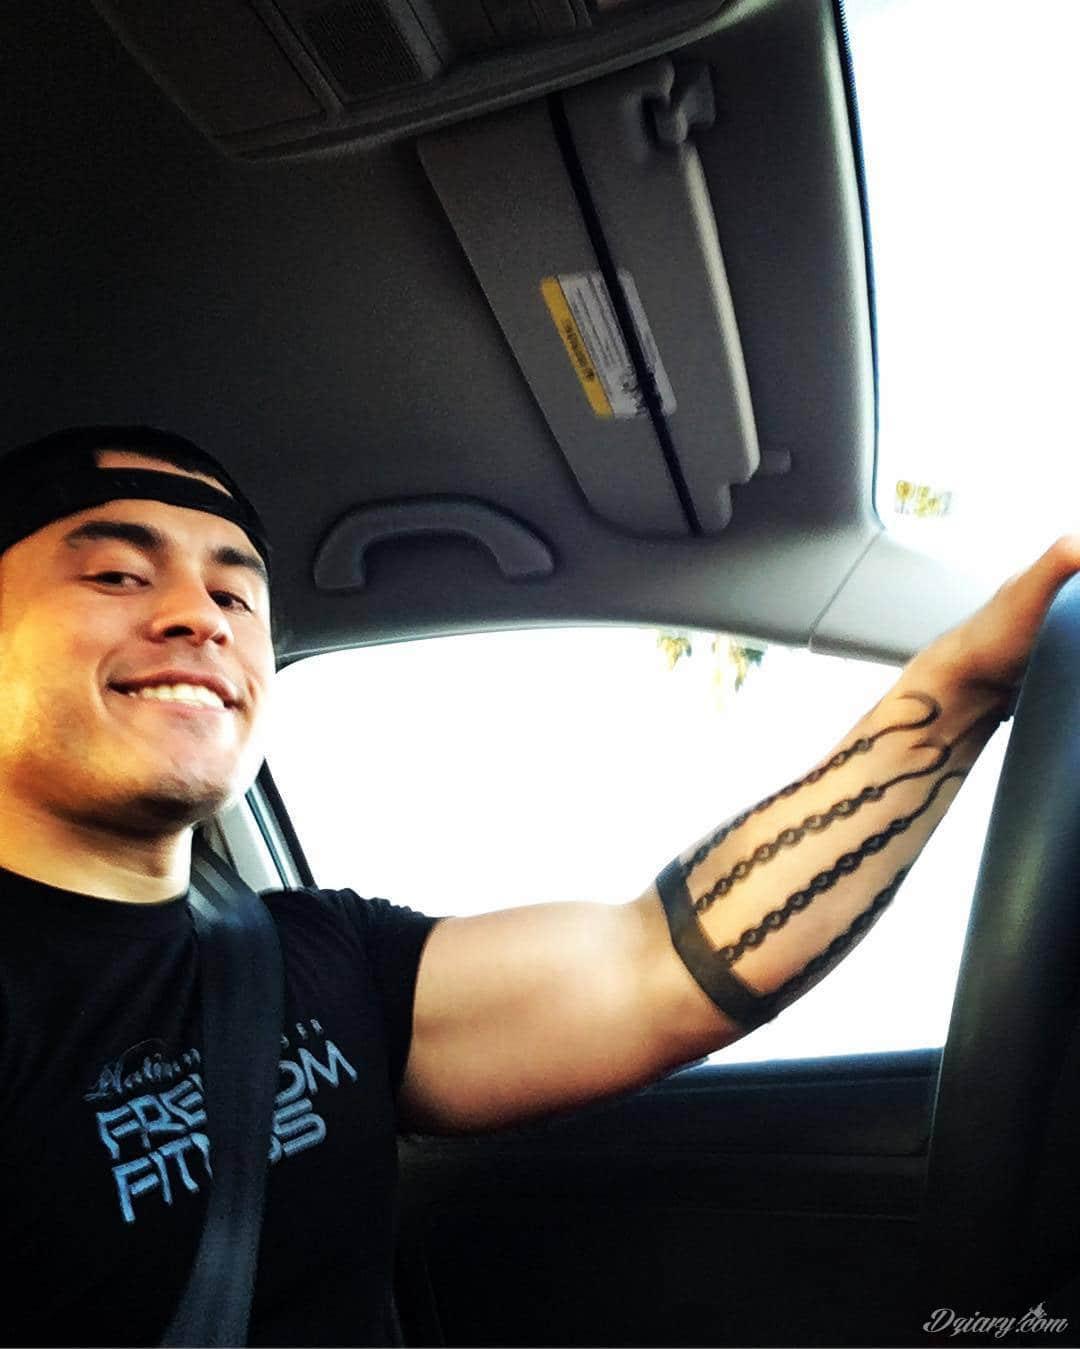 Intensywne ciemne tatuaże - o pogłębionej czerni i ciekawym kontraście z bielszym odcieniem skóry. Duże formaty i szczegółowa kreska pozwalają podkreślić oryginalność grafik. Czarne tatuaże to wszechstronność: od skromnych po duże i rozbudowane wzory.